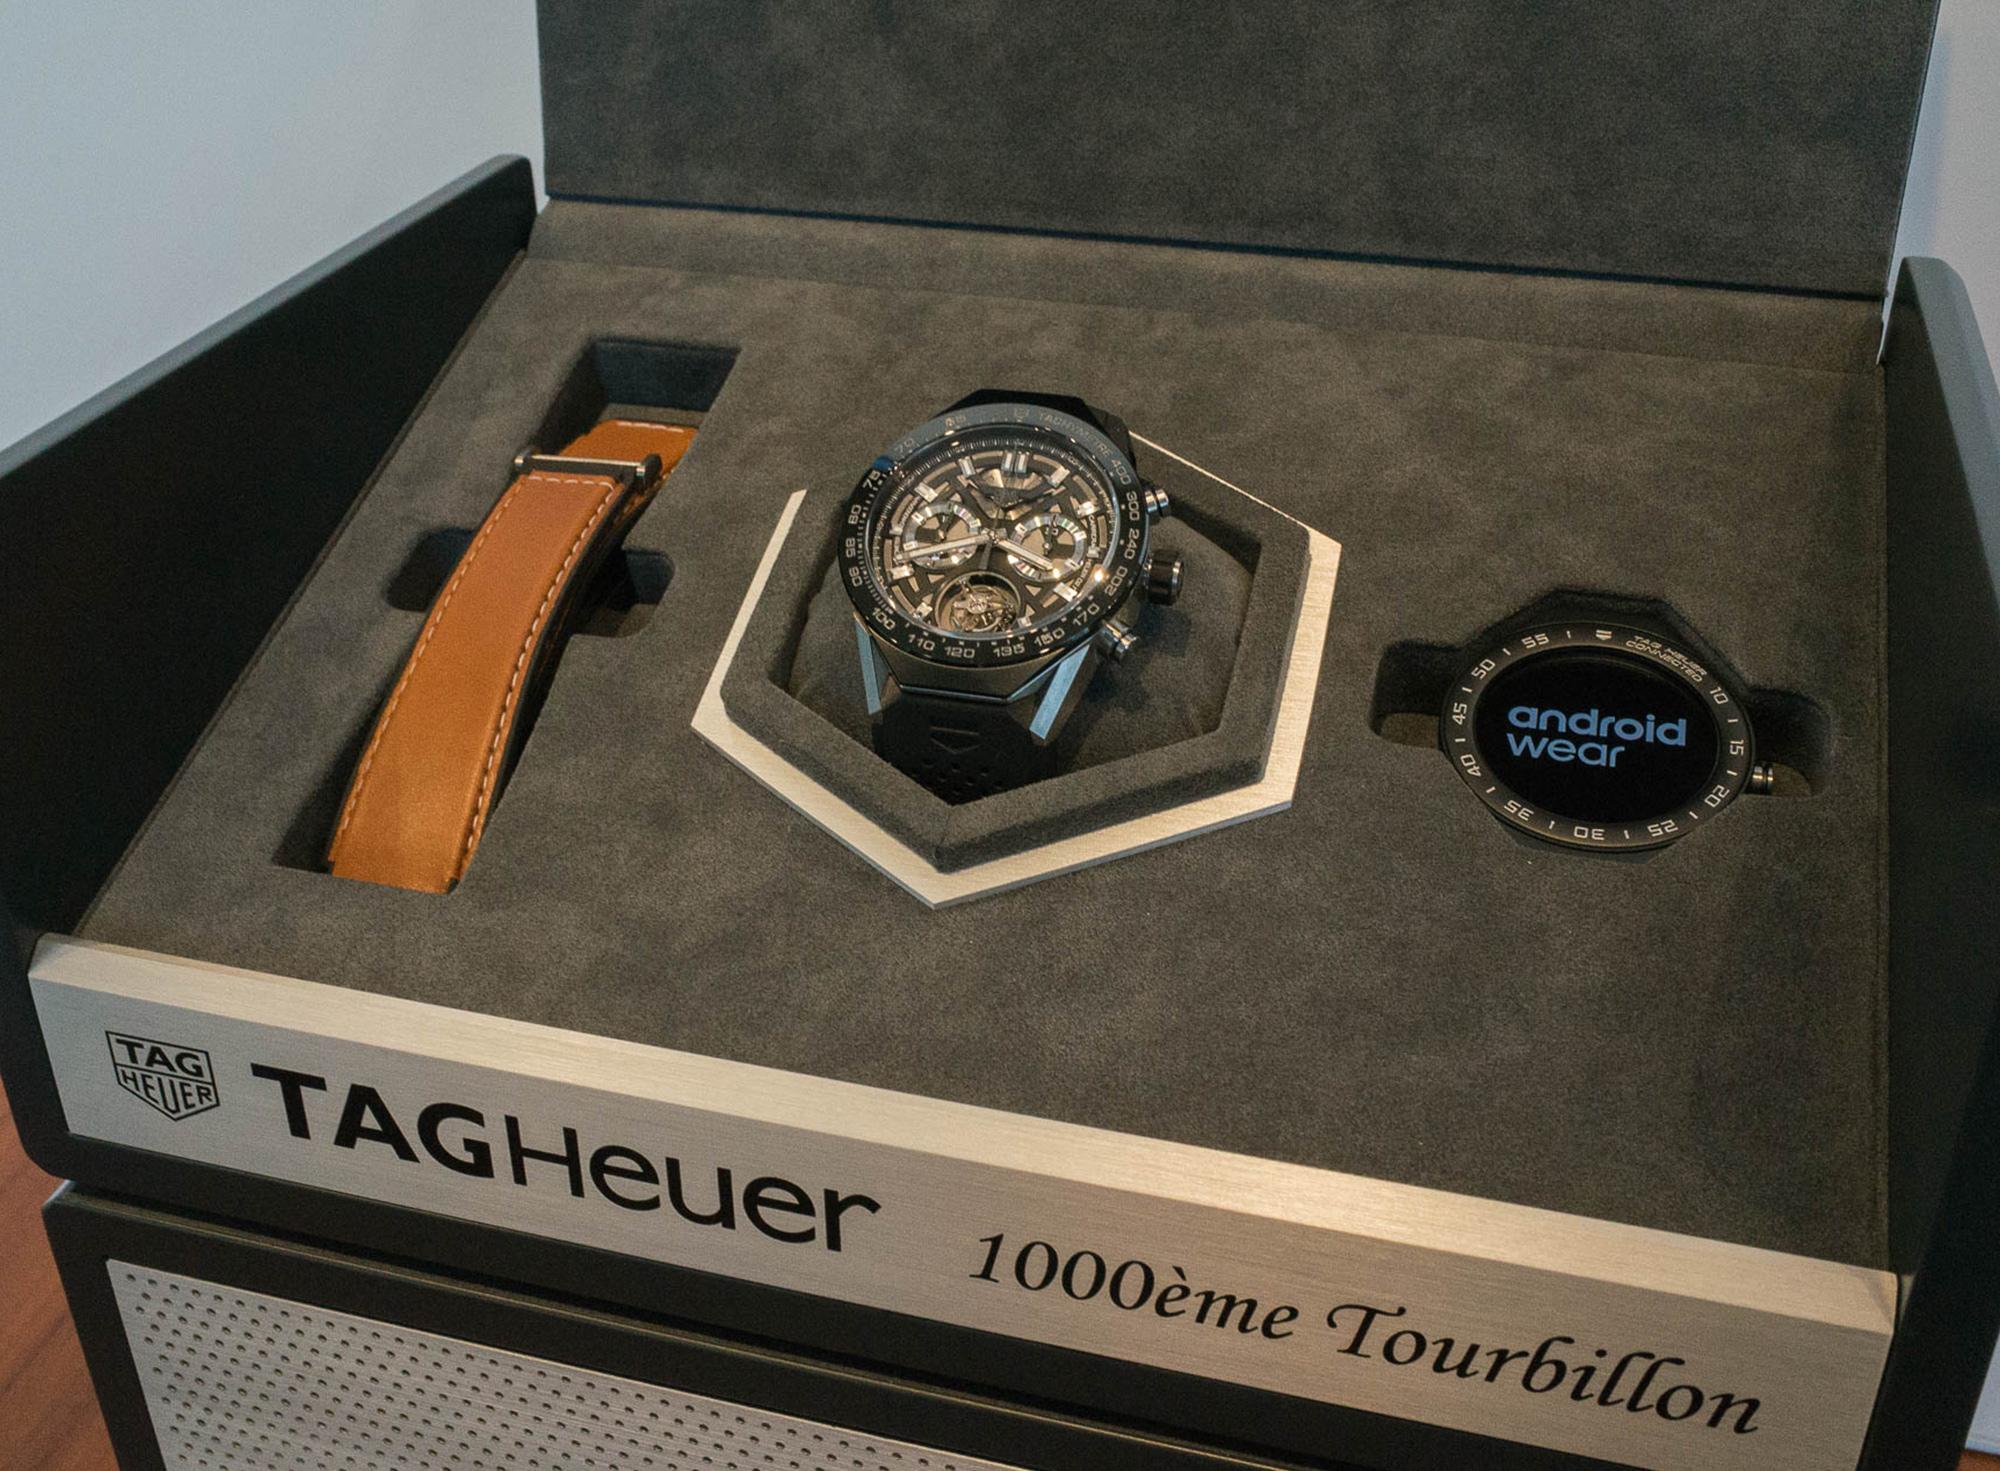 TAG Heuer annuncia l'uscita del millesimo Tourbillon certificato COSC